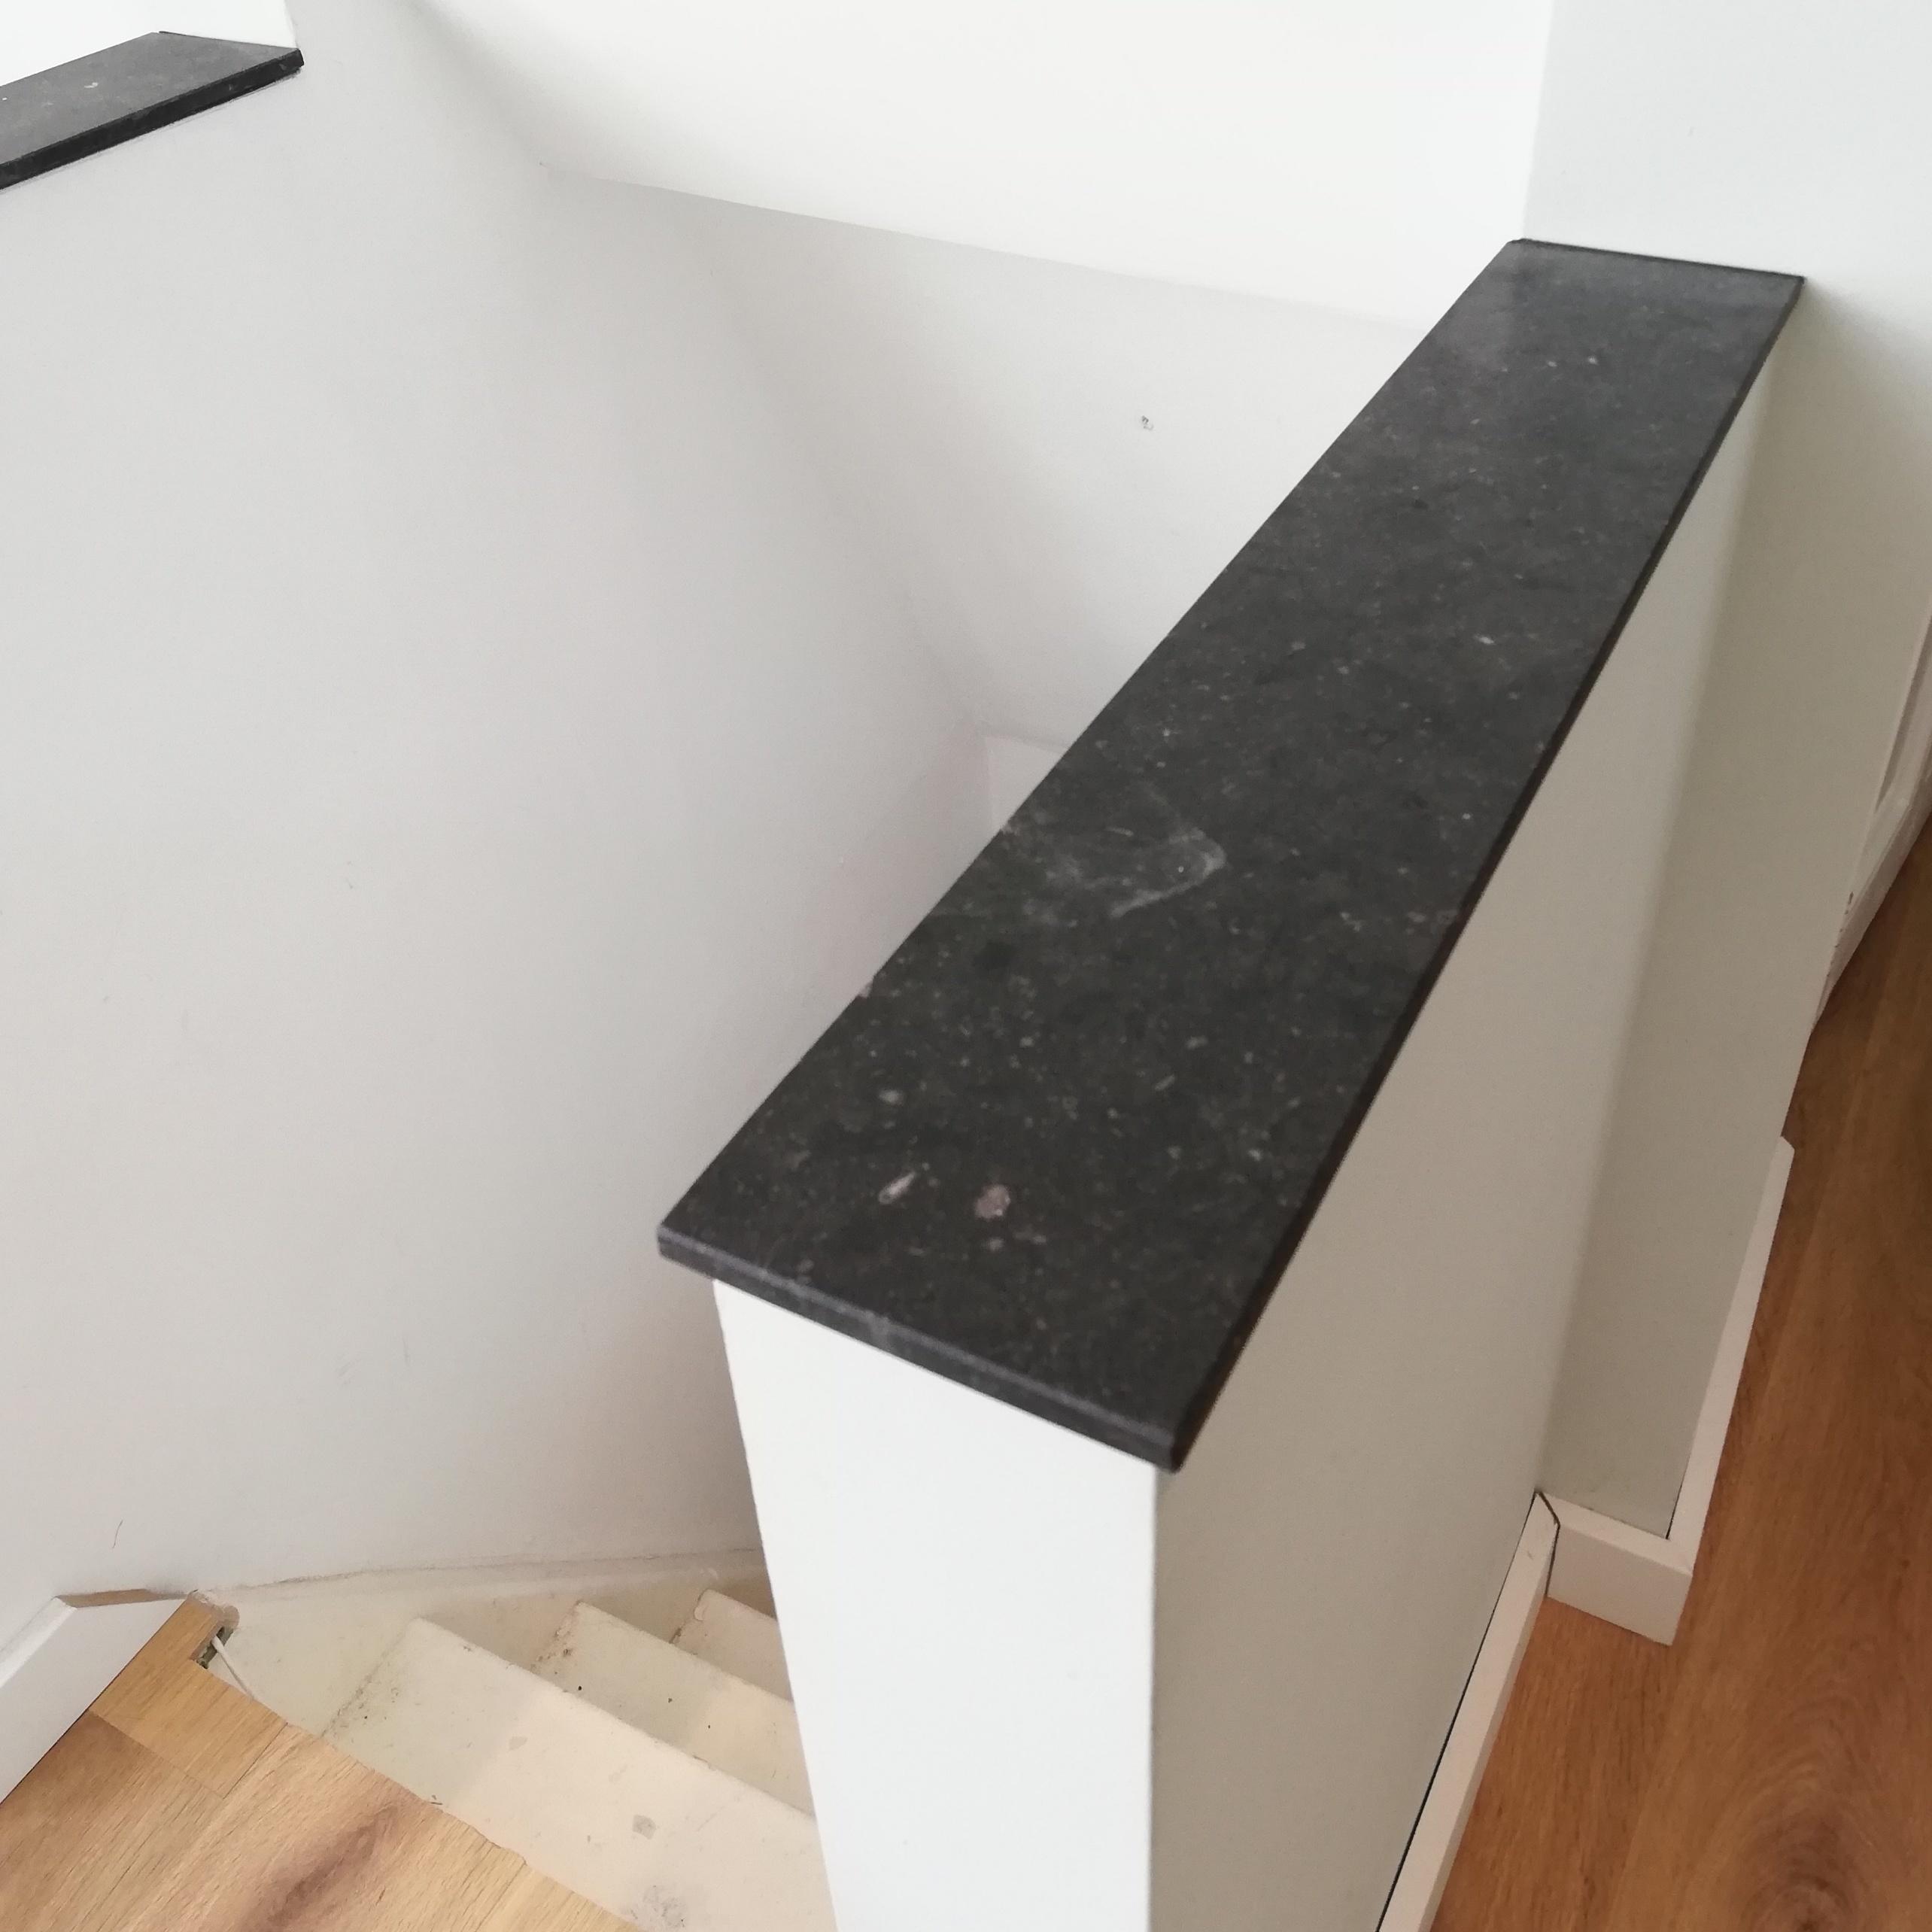 Vensterbank Belgisch hardsteen donker gezoet 3 cm dik - OP MAAT- 10-70 cm breed - 10-230 cm lang - Antraciet - Belgisch hardsteen - arduin